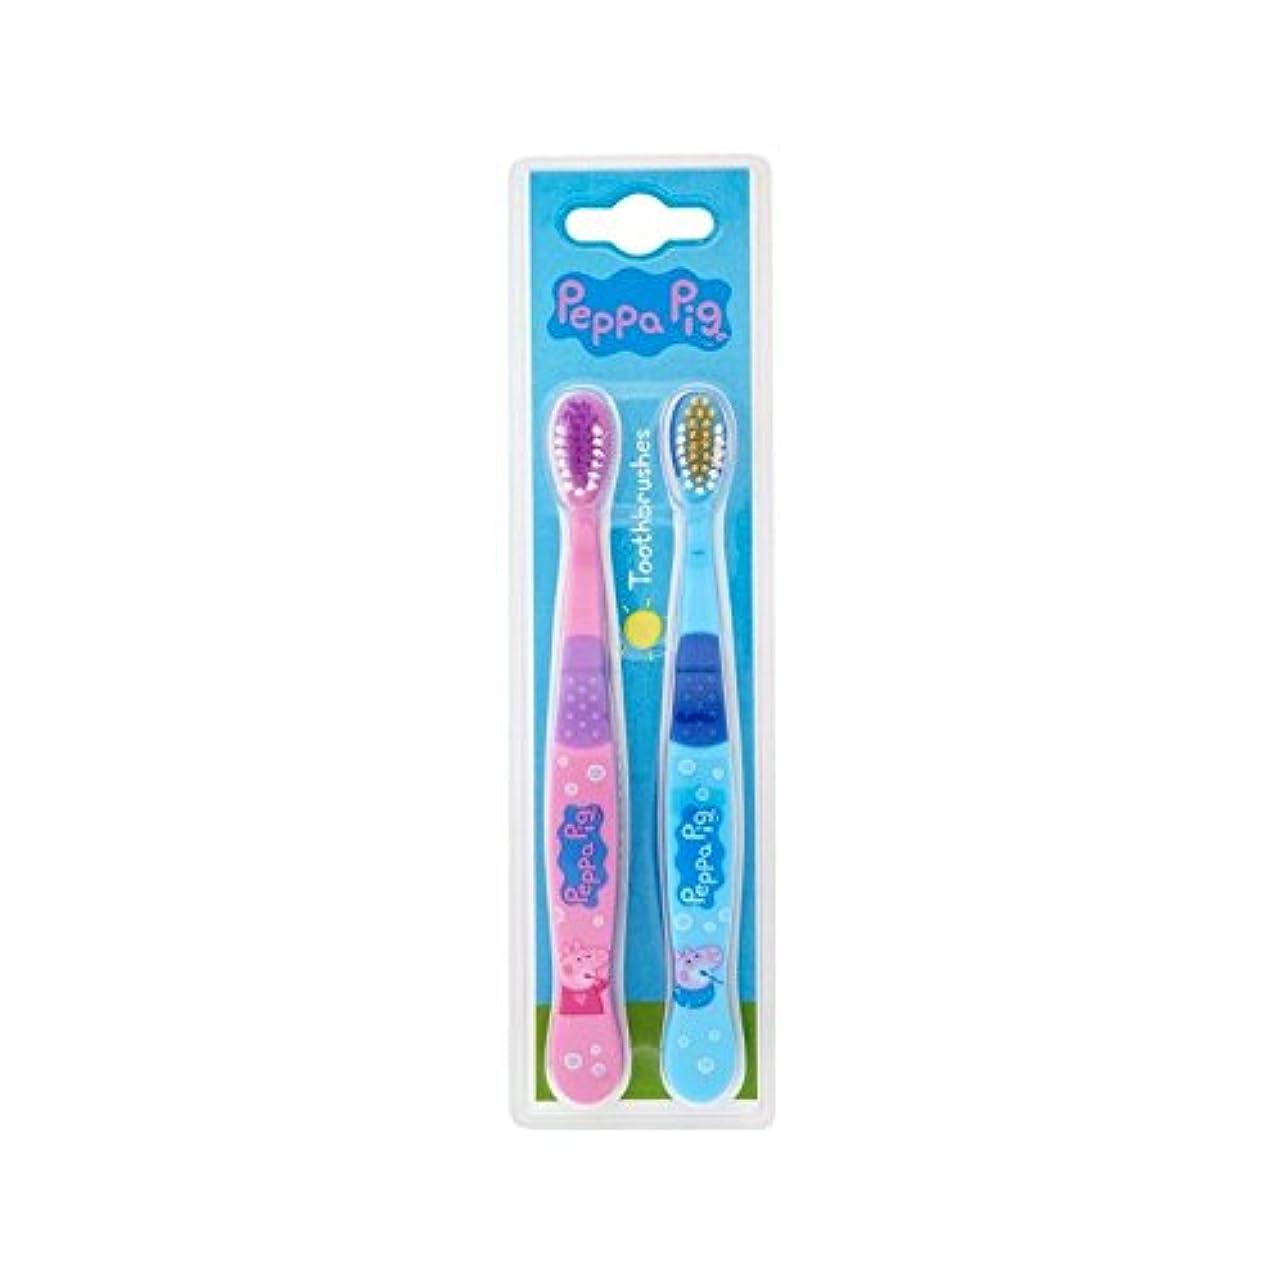 相対的侵入読む1パックツイン歯ブラシ2 (Peppa Pig) - Peppa Pig Twin Toothbrush 2 per pack [並行輸入品]